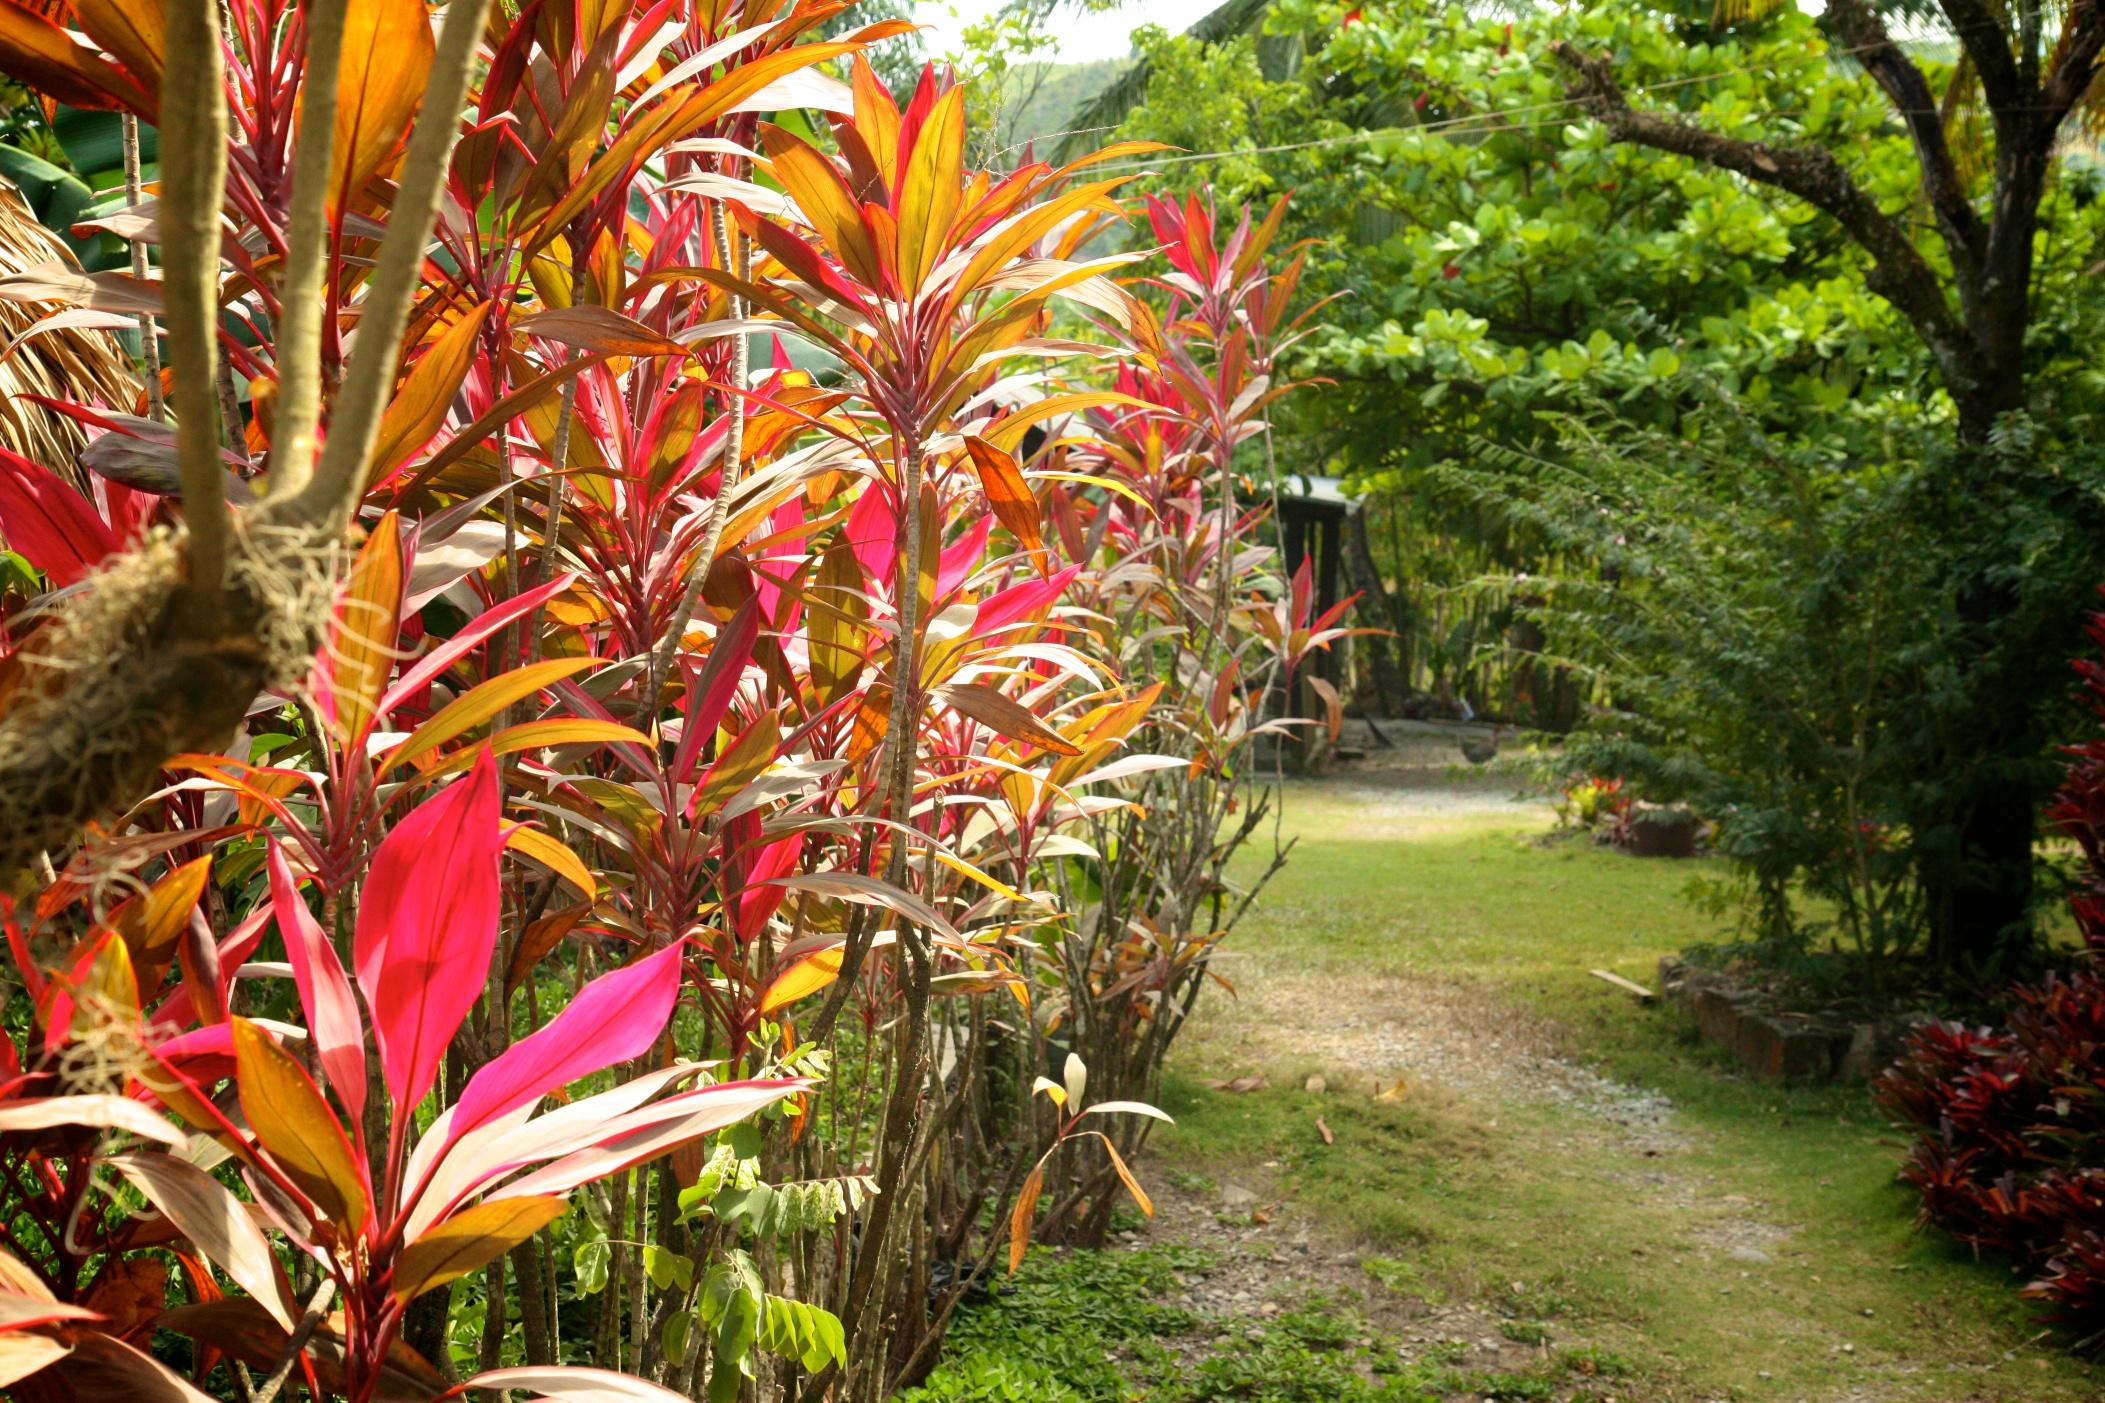 flora_8553862670_o.jpg